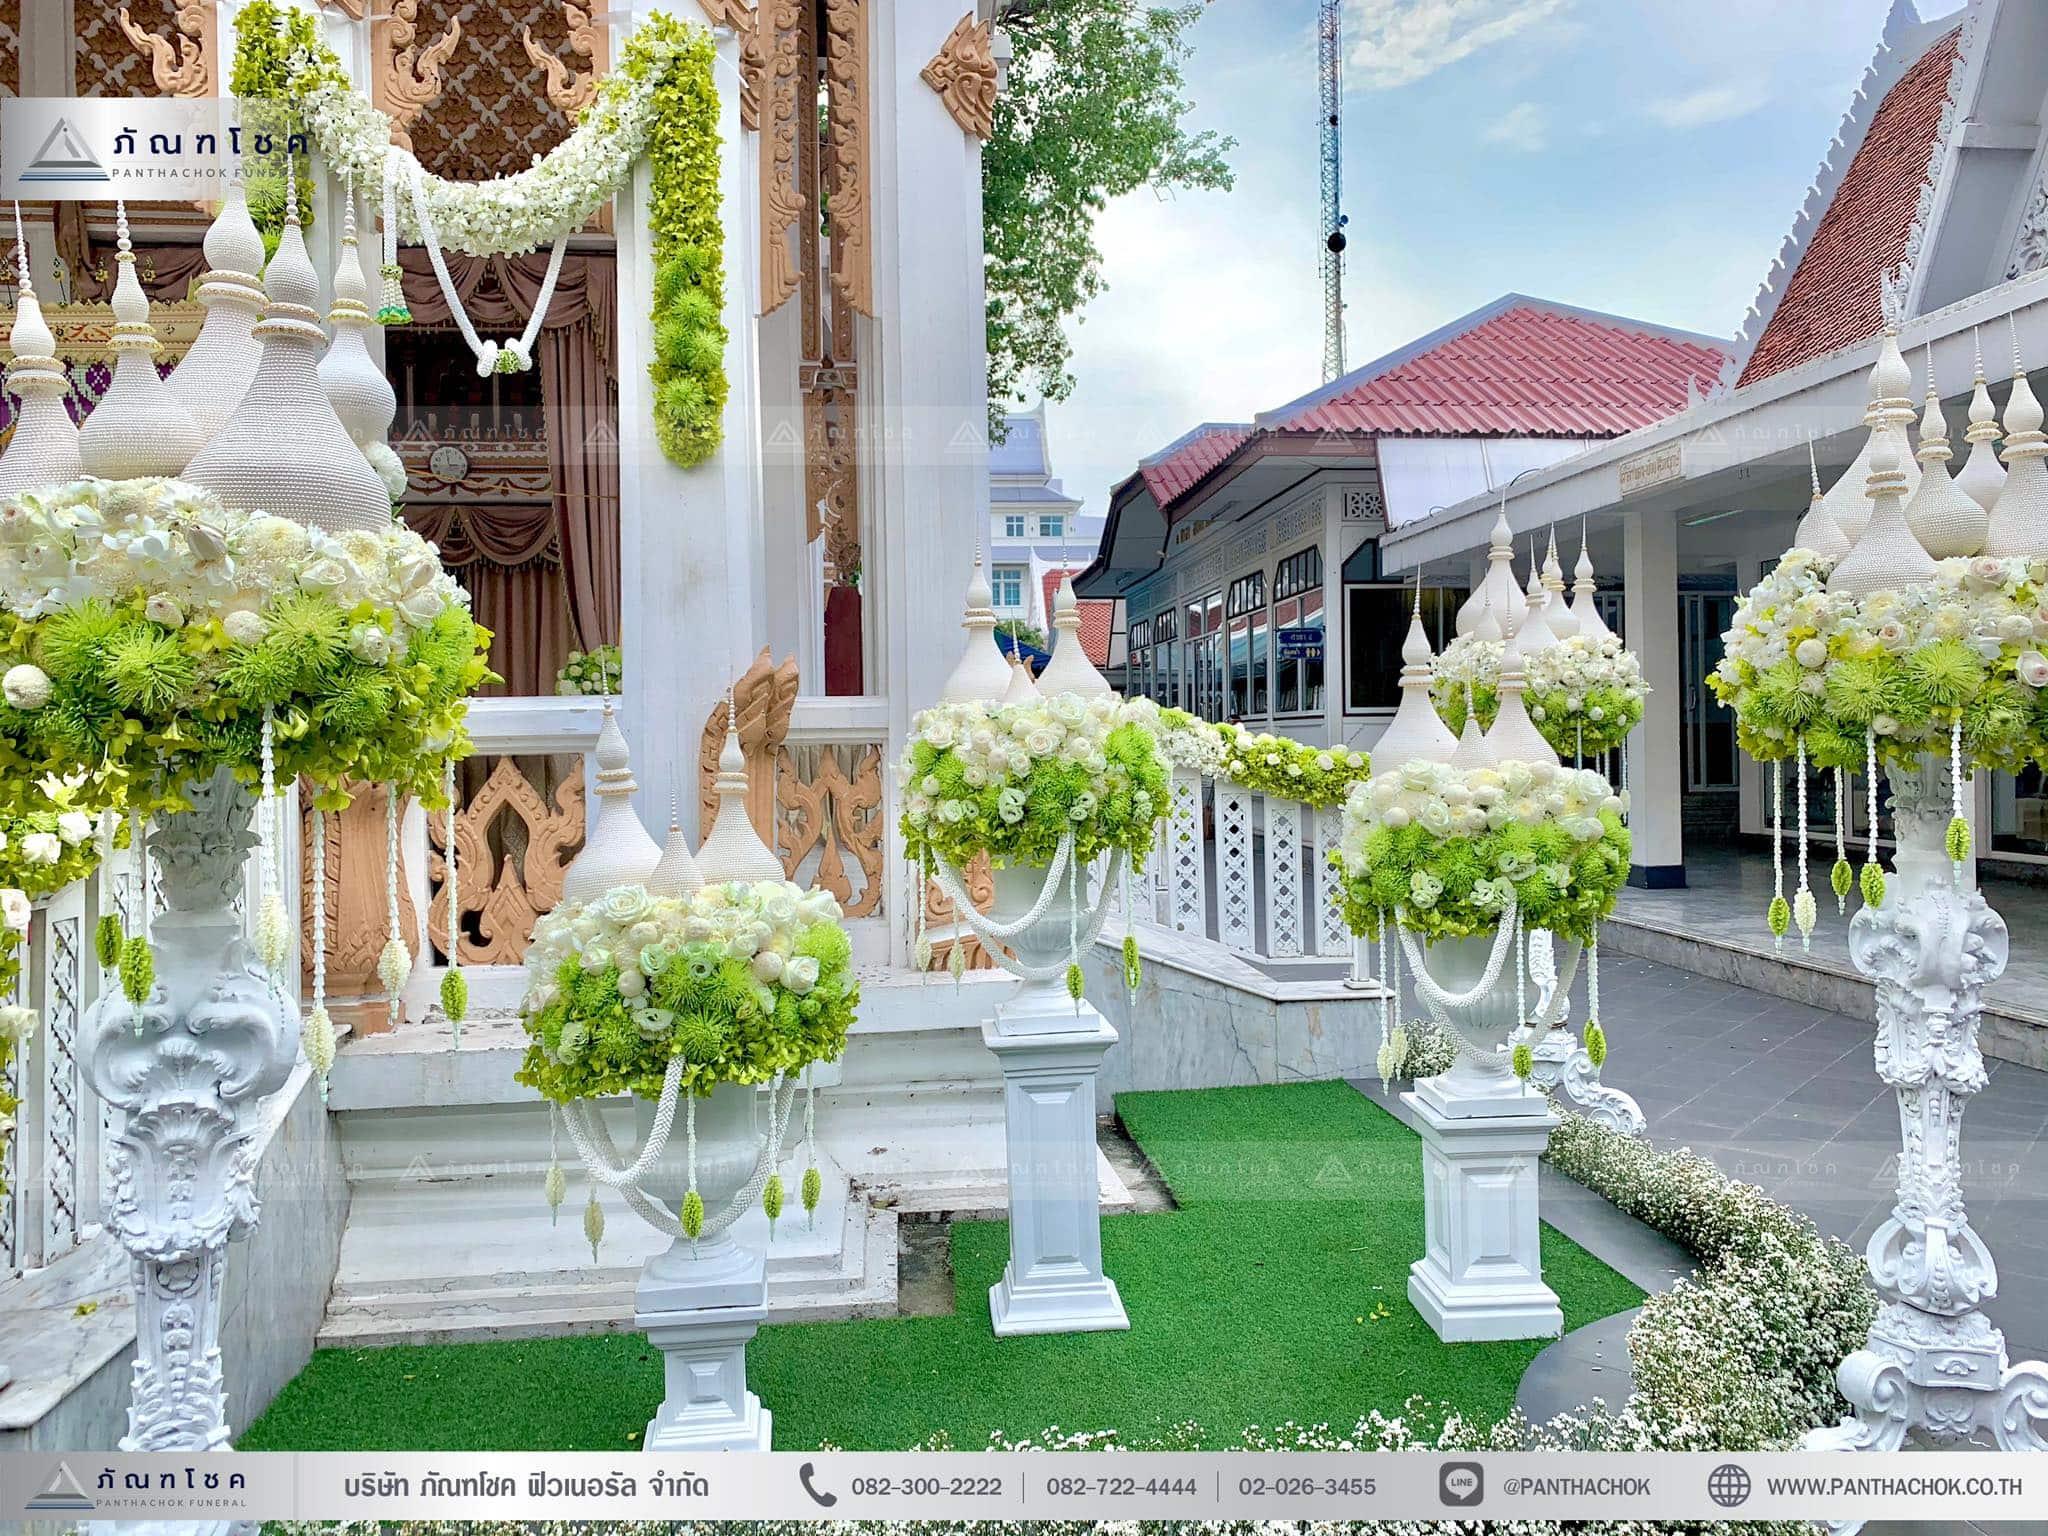 ดอกไม้ประดับเมรุในรูปแบบไทยประยุกต์ ณ วัดมกุฏกษัตริยารามราชวรวิหาร 8